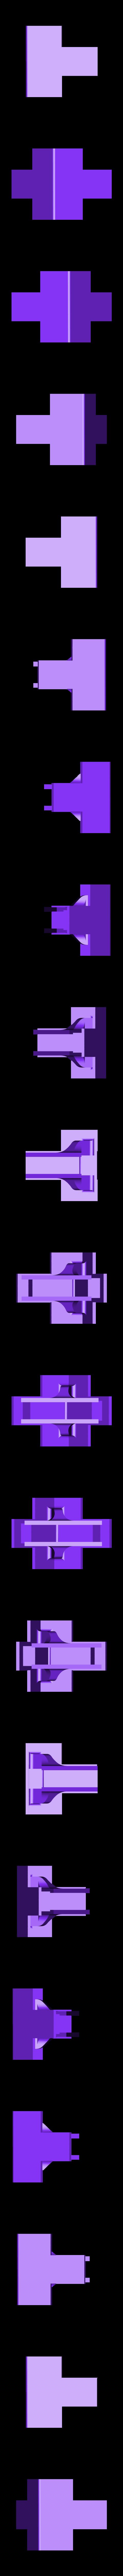 Middel Back.STL Télécharger fichier STL gratuit Poitrine de Foerris • Objet pour imprimante 3D, Foerris